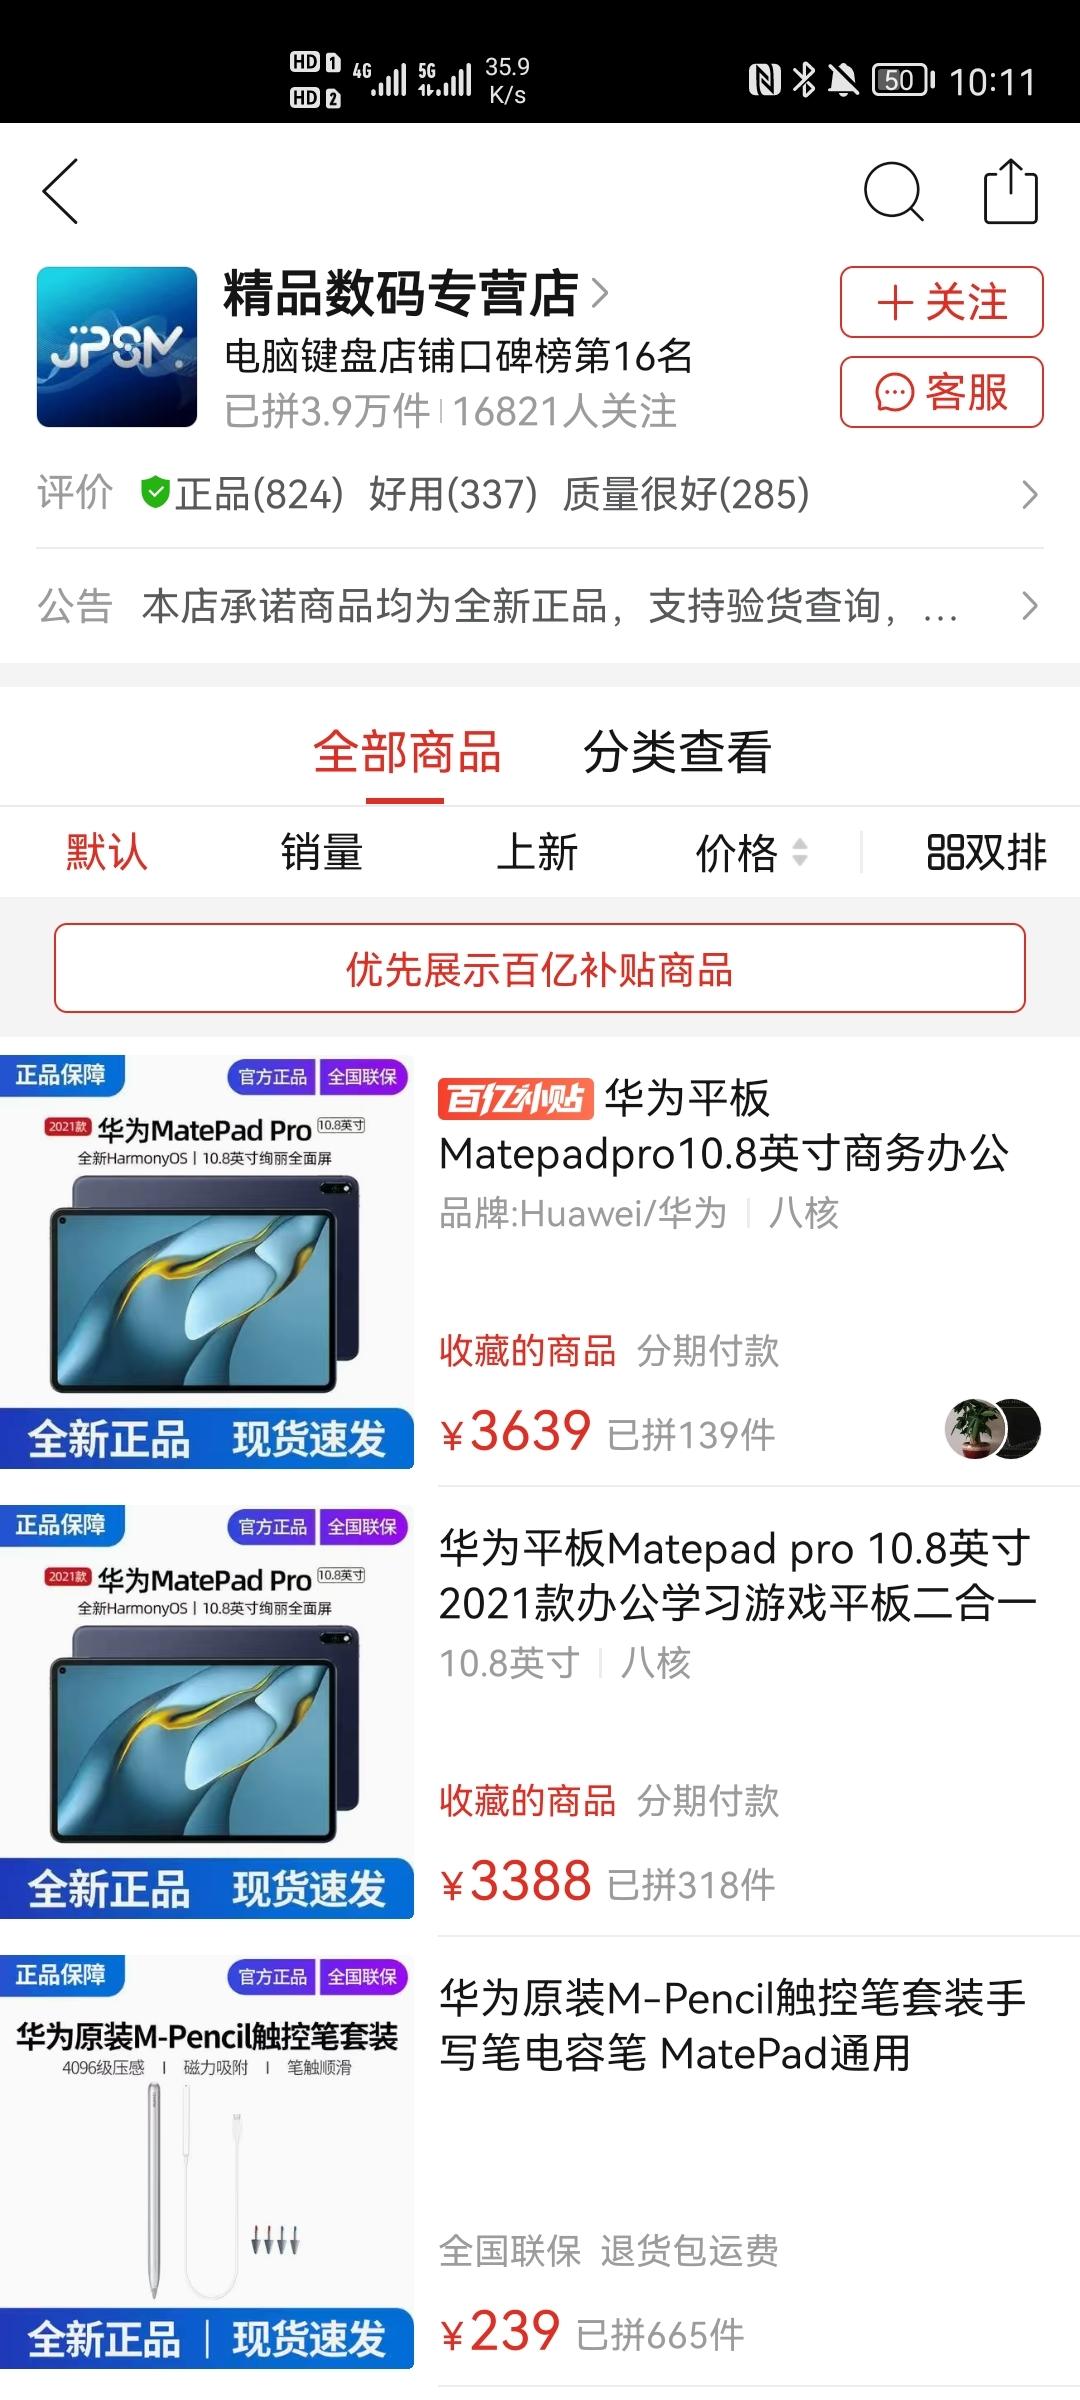 Screenshot_20210813_101132_com.xunmeng.pinduoduo.jpg